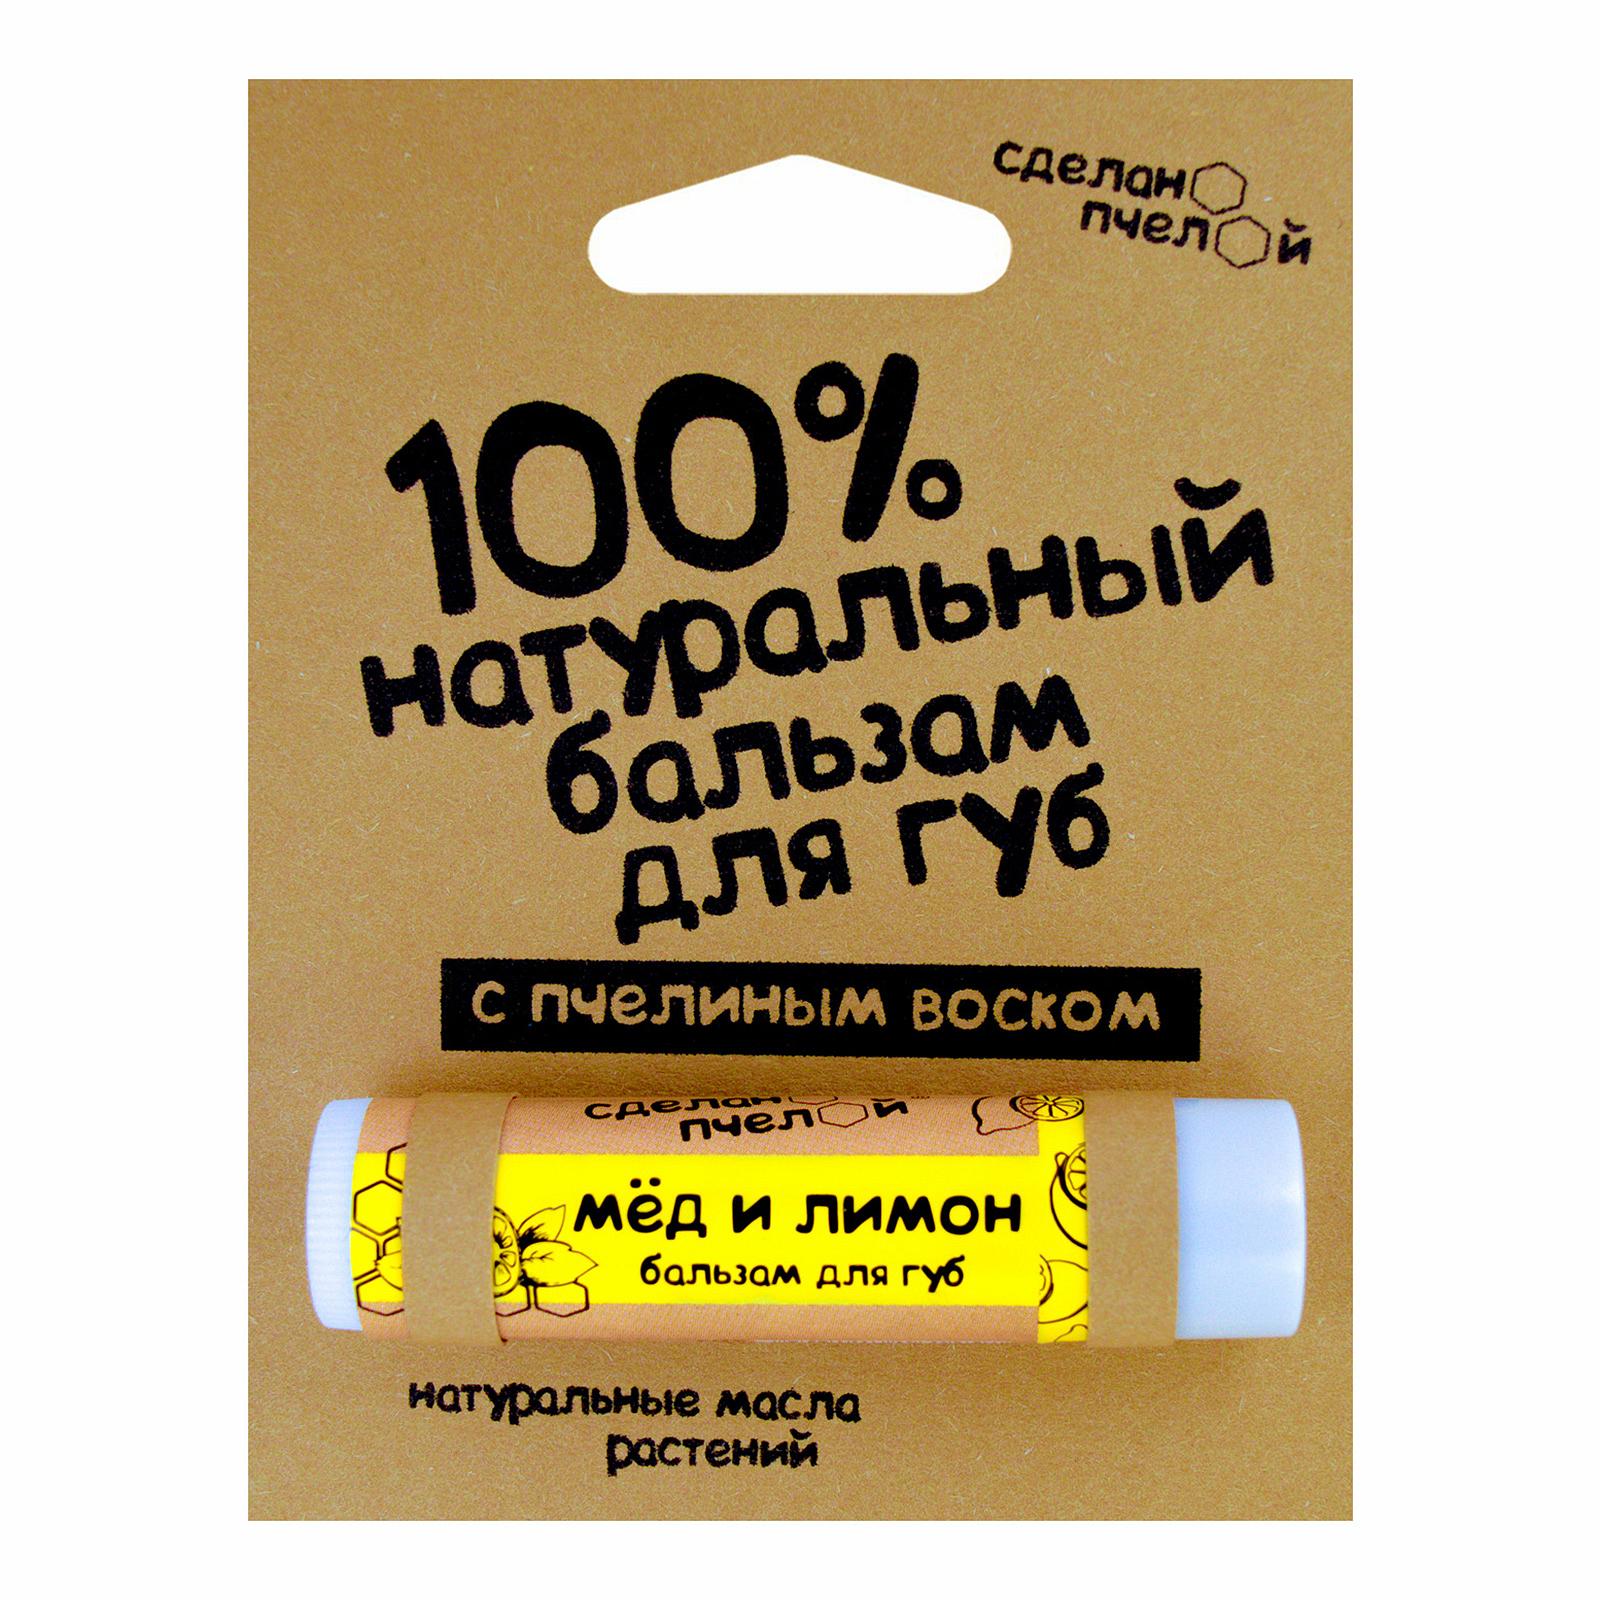 Натуральный бальзам для губ Сделанопчелой с пчелиным воском Мёд и лимон